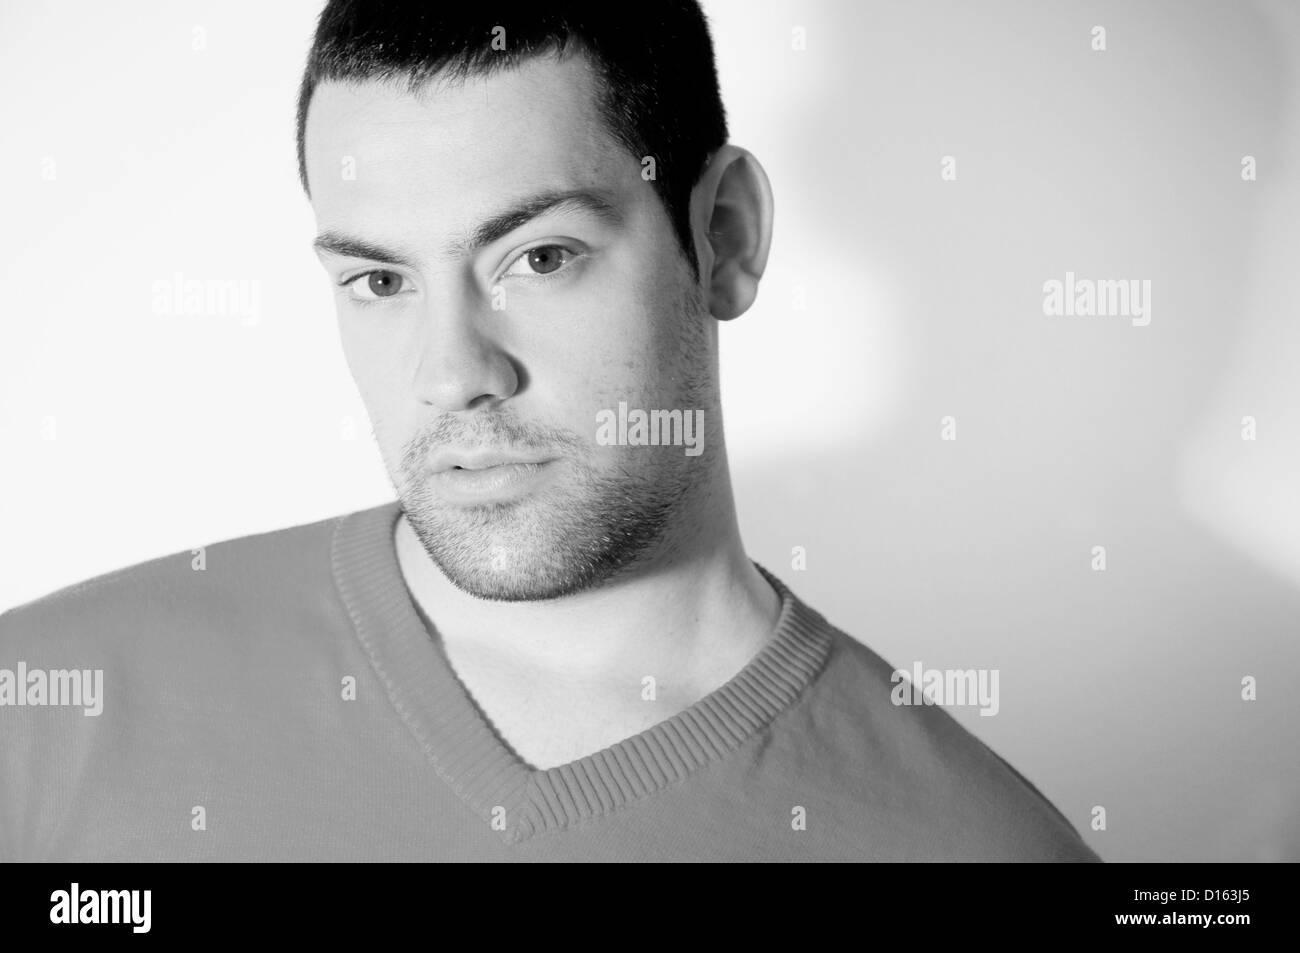 Retrato de joven mirando a la cámara. Blanco y negro. Imagen De Stock